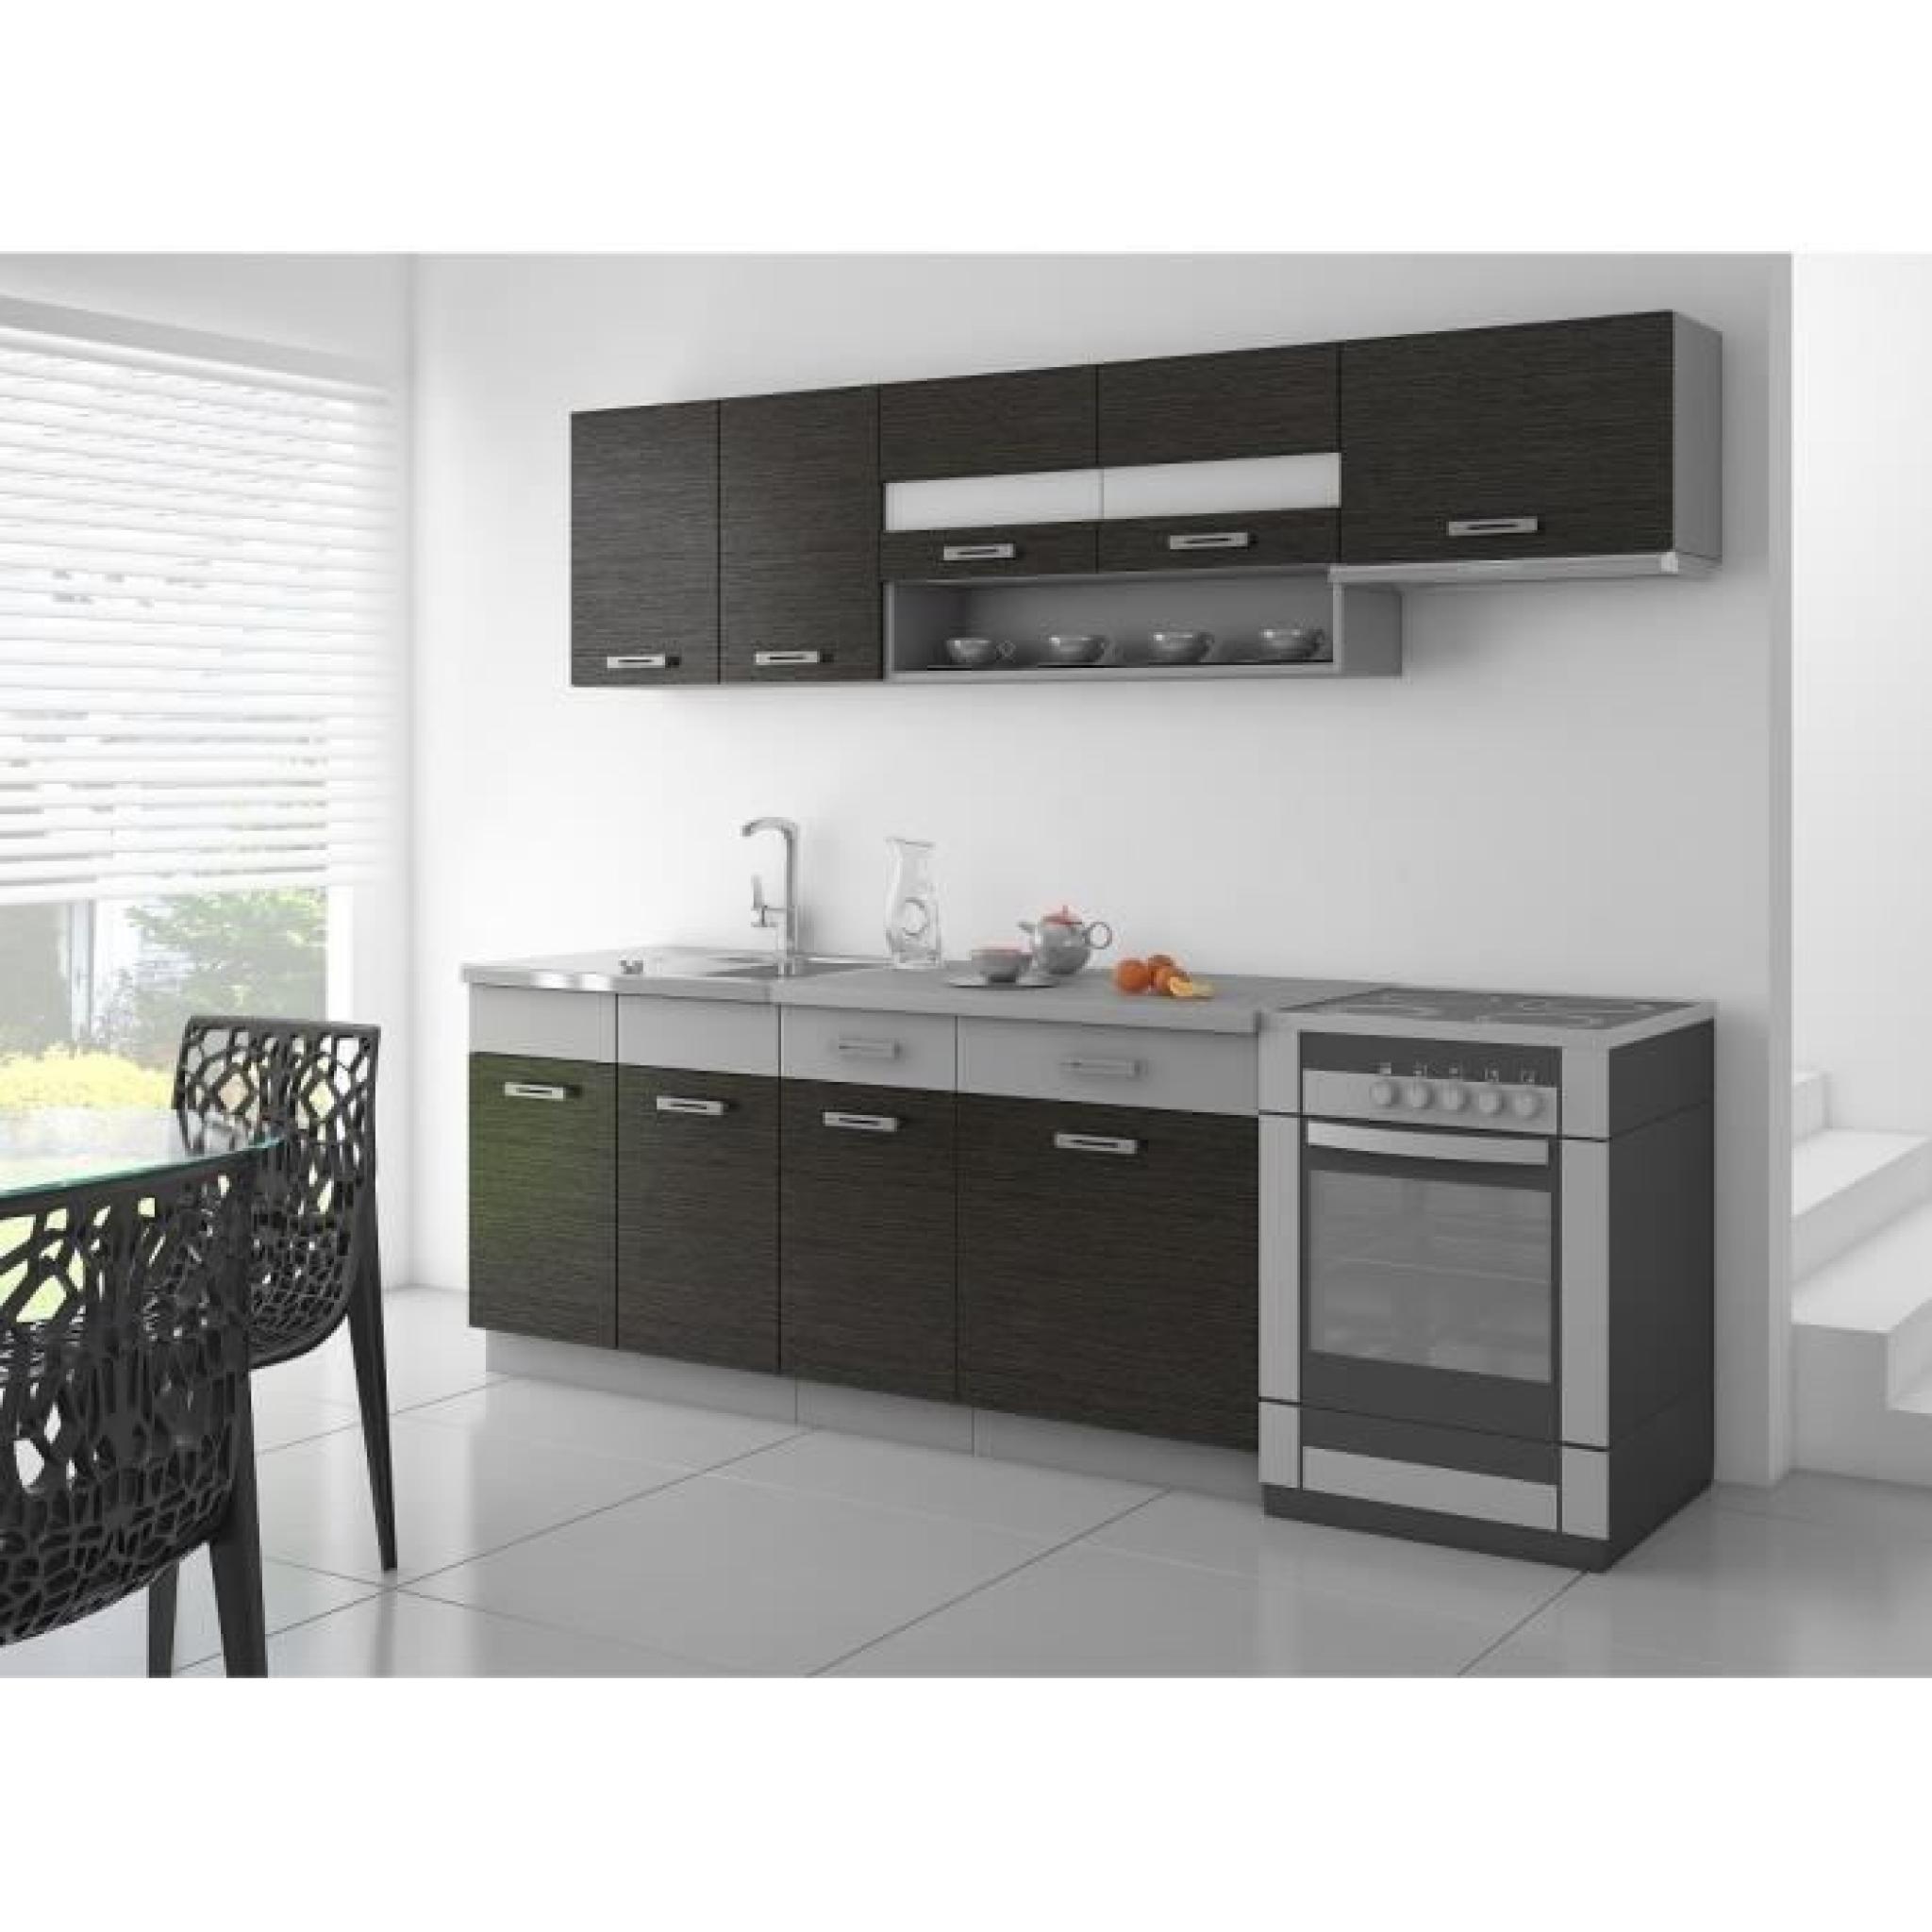 saphir cuisine complete 2m40 noir et gris mat achat vente cuisine complete pas cher couleur et design fr